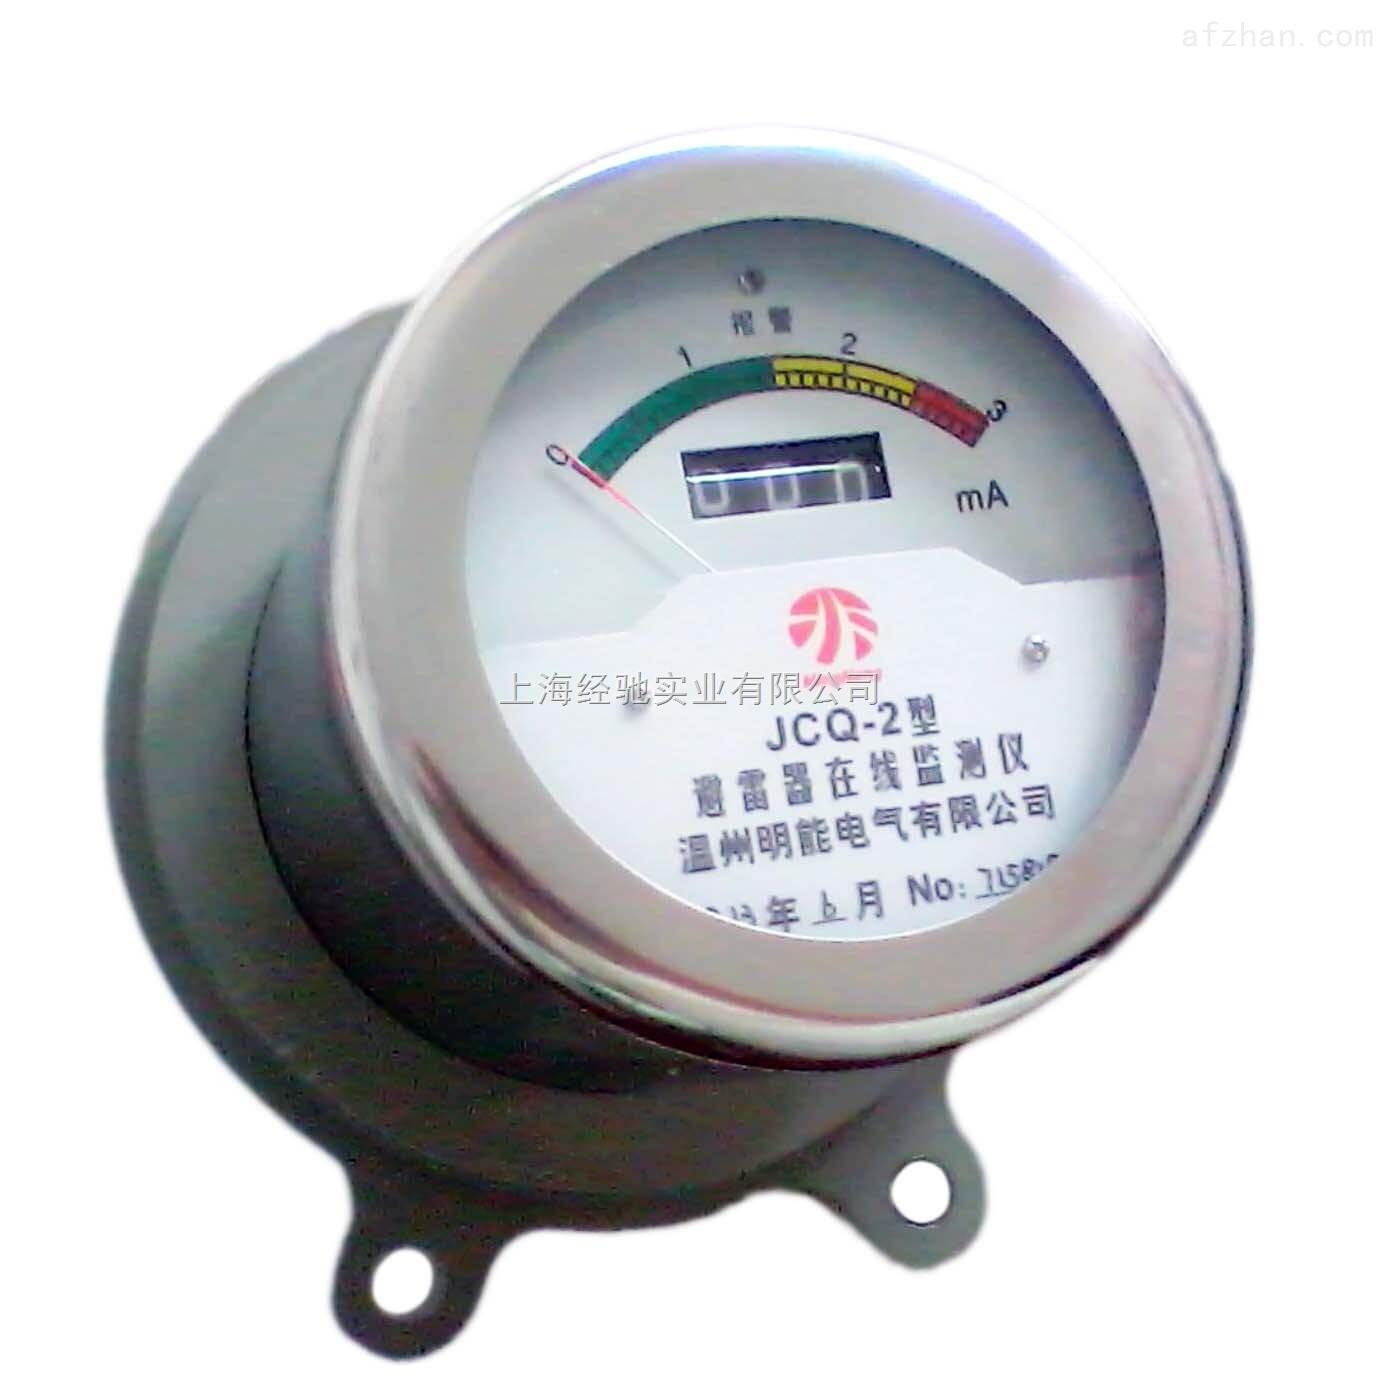 jcq-3e 避雷器在线监测仪,避雷器监测器,放电计数器